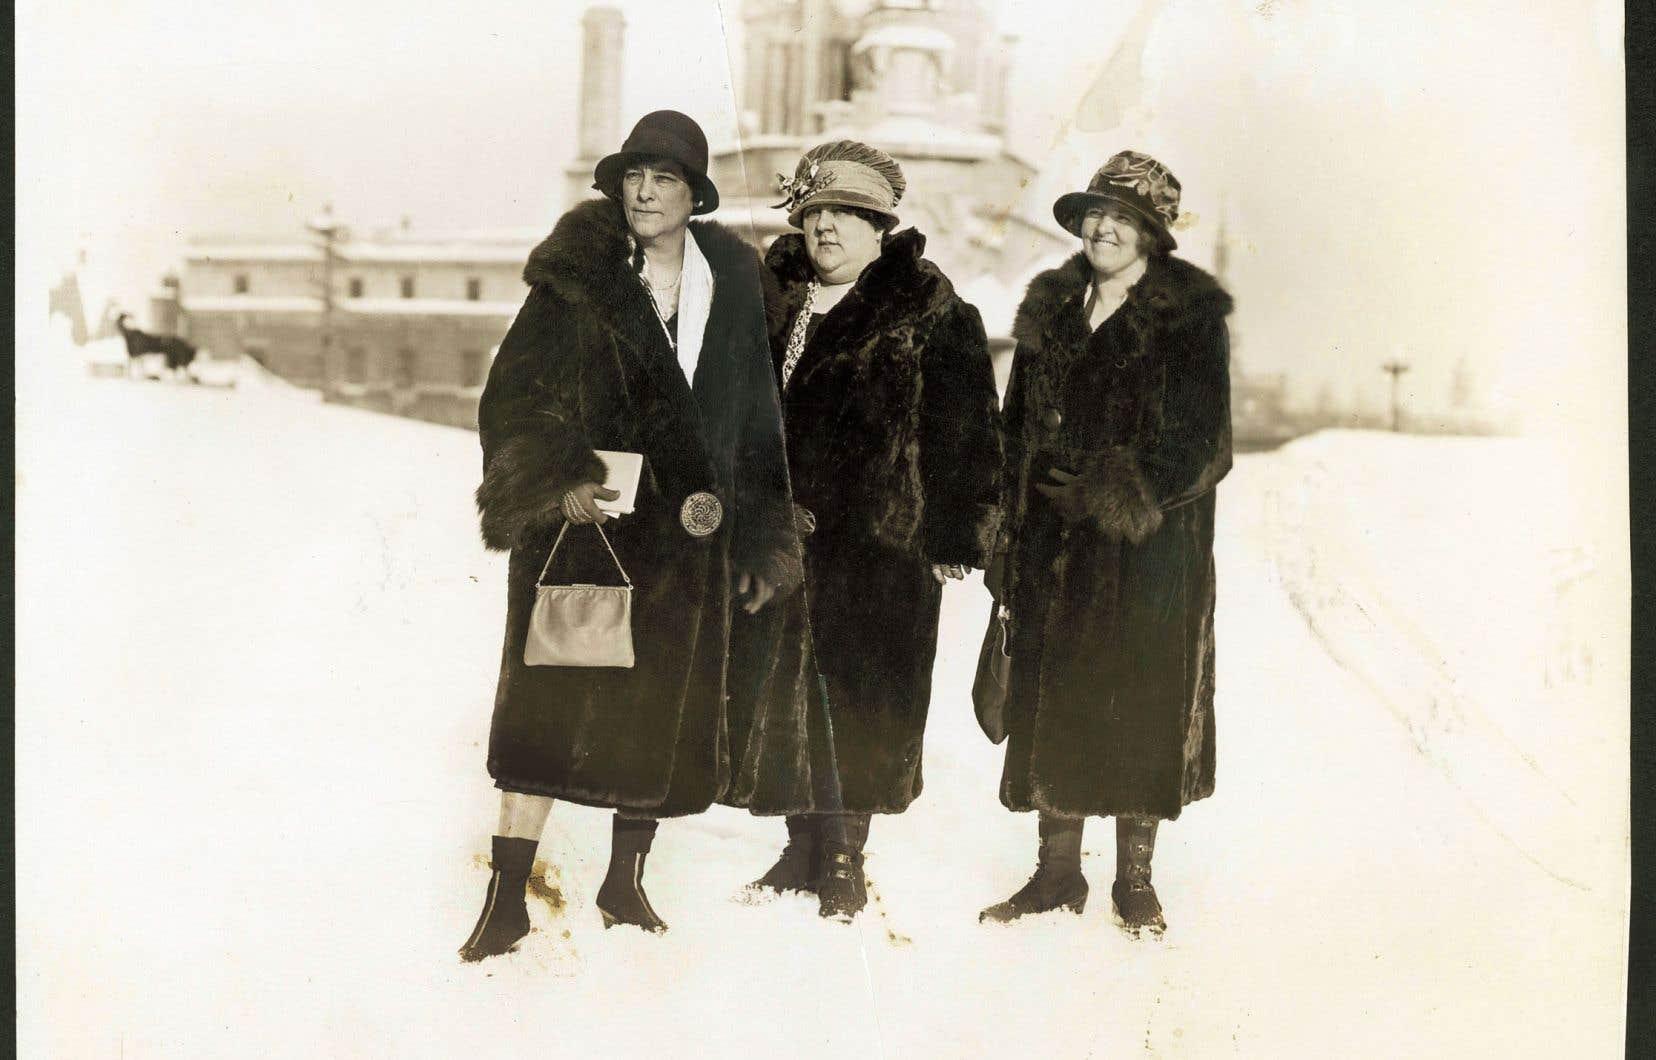 Les suffragettes québécoises vont se rendre à 15 reprises au parlement à Québec, entre 1922 et 1940, afin de militer pour l'obtention du droit de vote des femmes. Ici à l'une de ces occasions, par un hiver des années 1920, on voit Idola Saint-Jean, Antoinette Mercure et Nora Sampson de l'Alliance canadienne pour le vote des femmes du Québec.